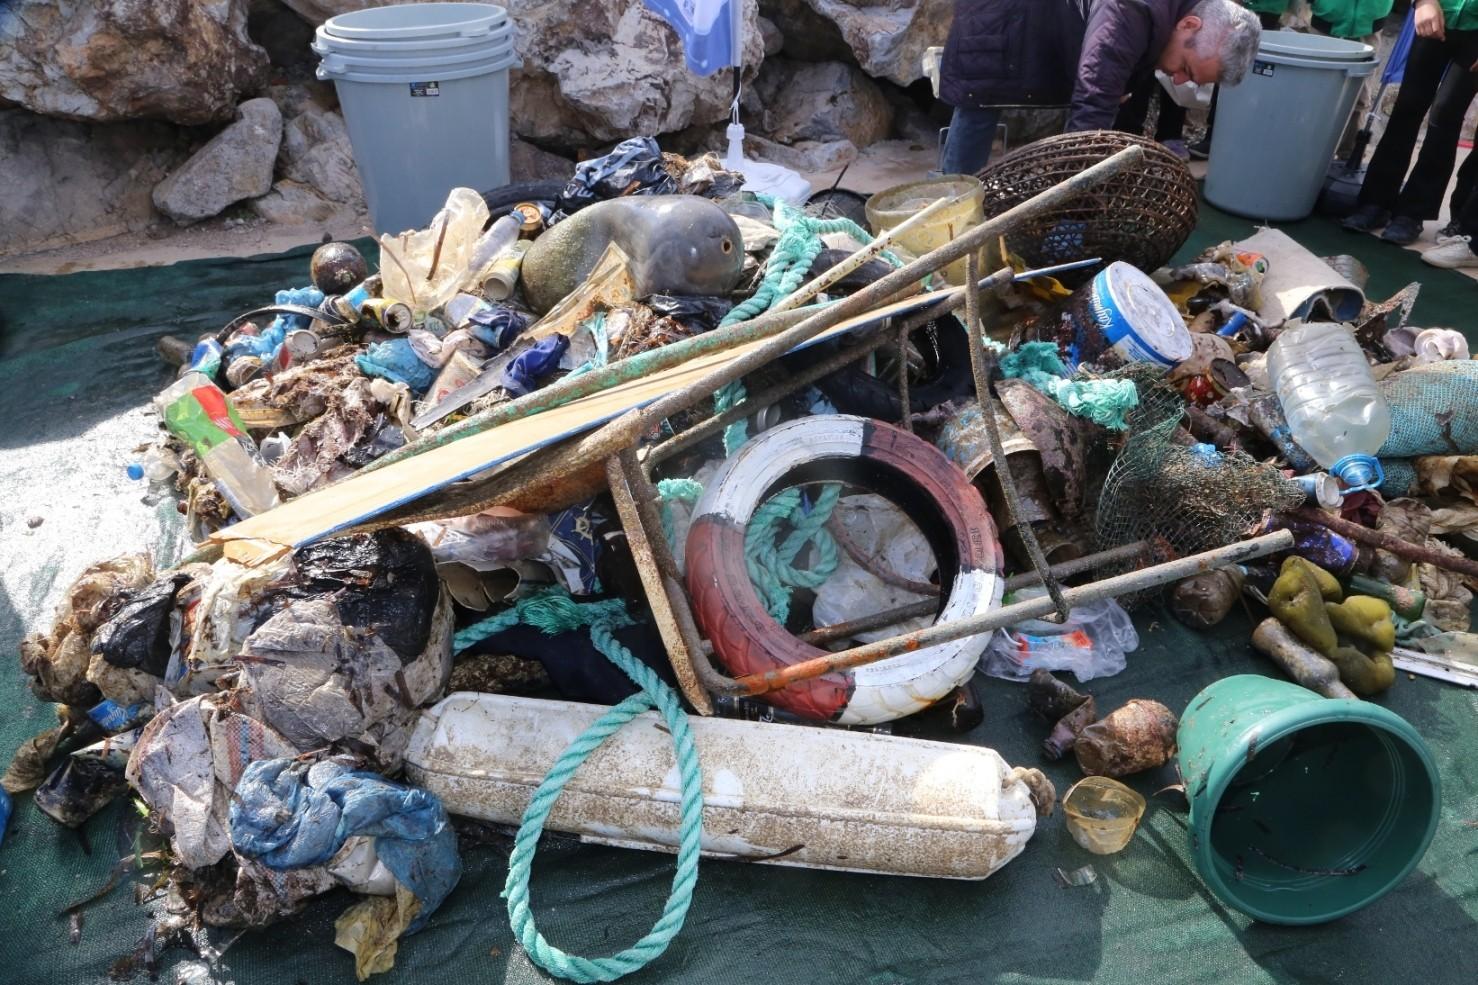 akyarlar AKYARLAR'DA DENİZ DİBİ TEMİZLENDİ… akyarlarda deniz dibi temizligi 10